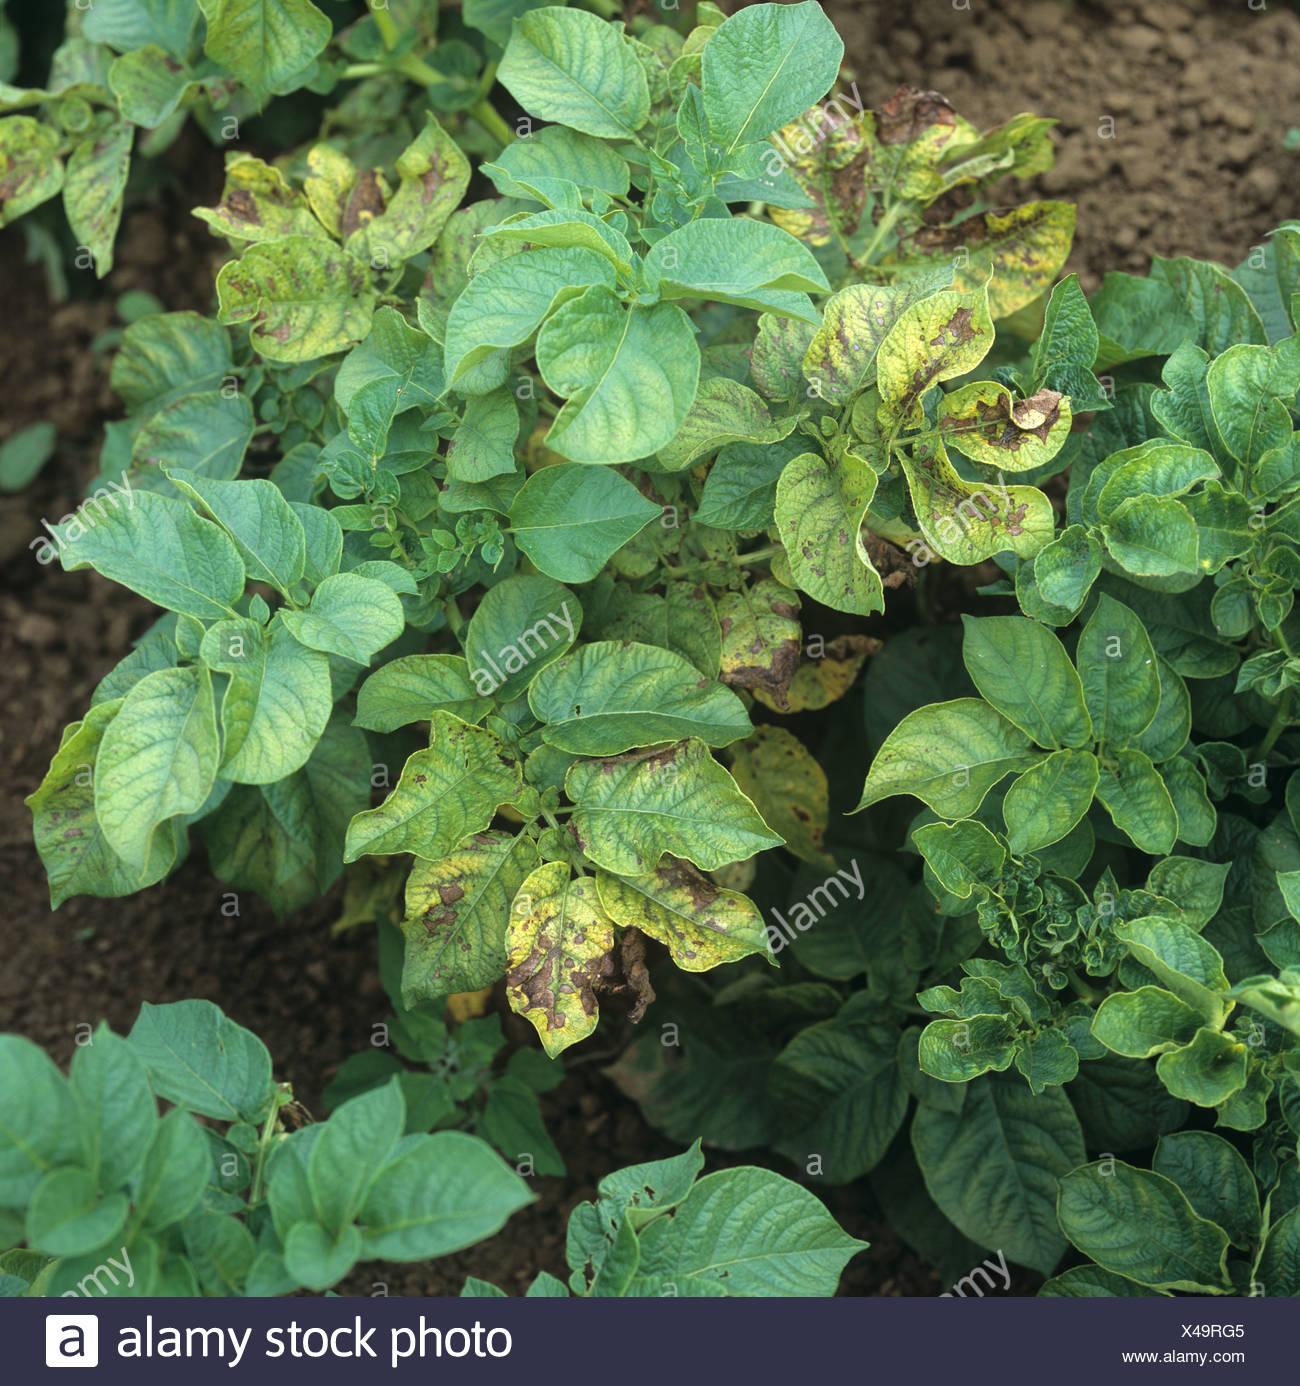 Les symptômes de carence en magnésium sur certaines feuilles de pommes de terre dans cette récolte biologique Photo Stock